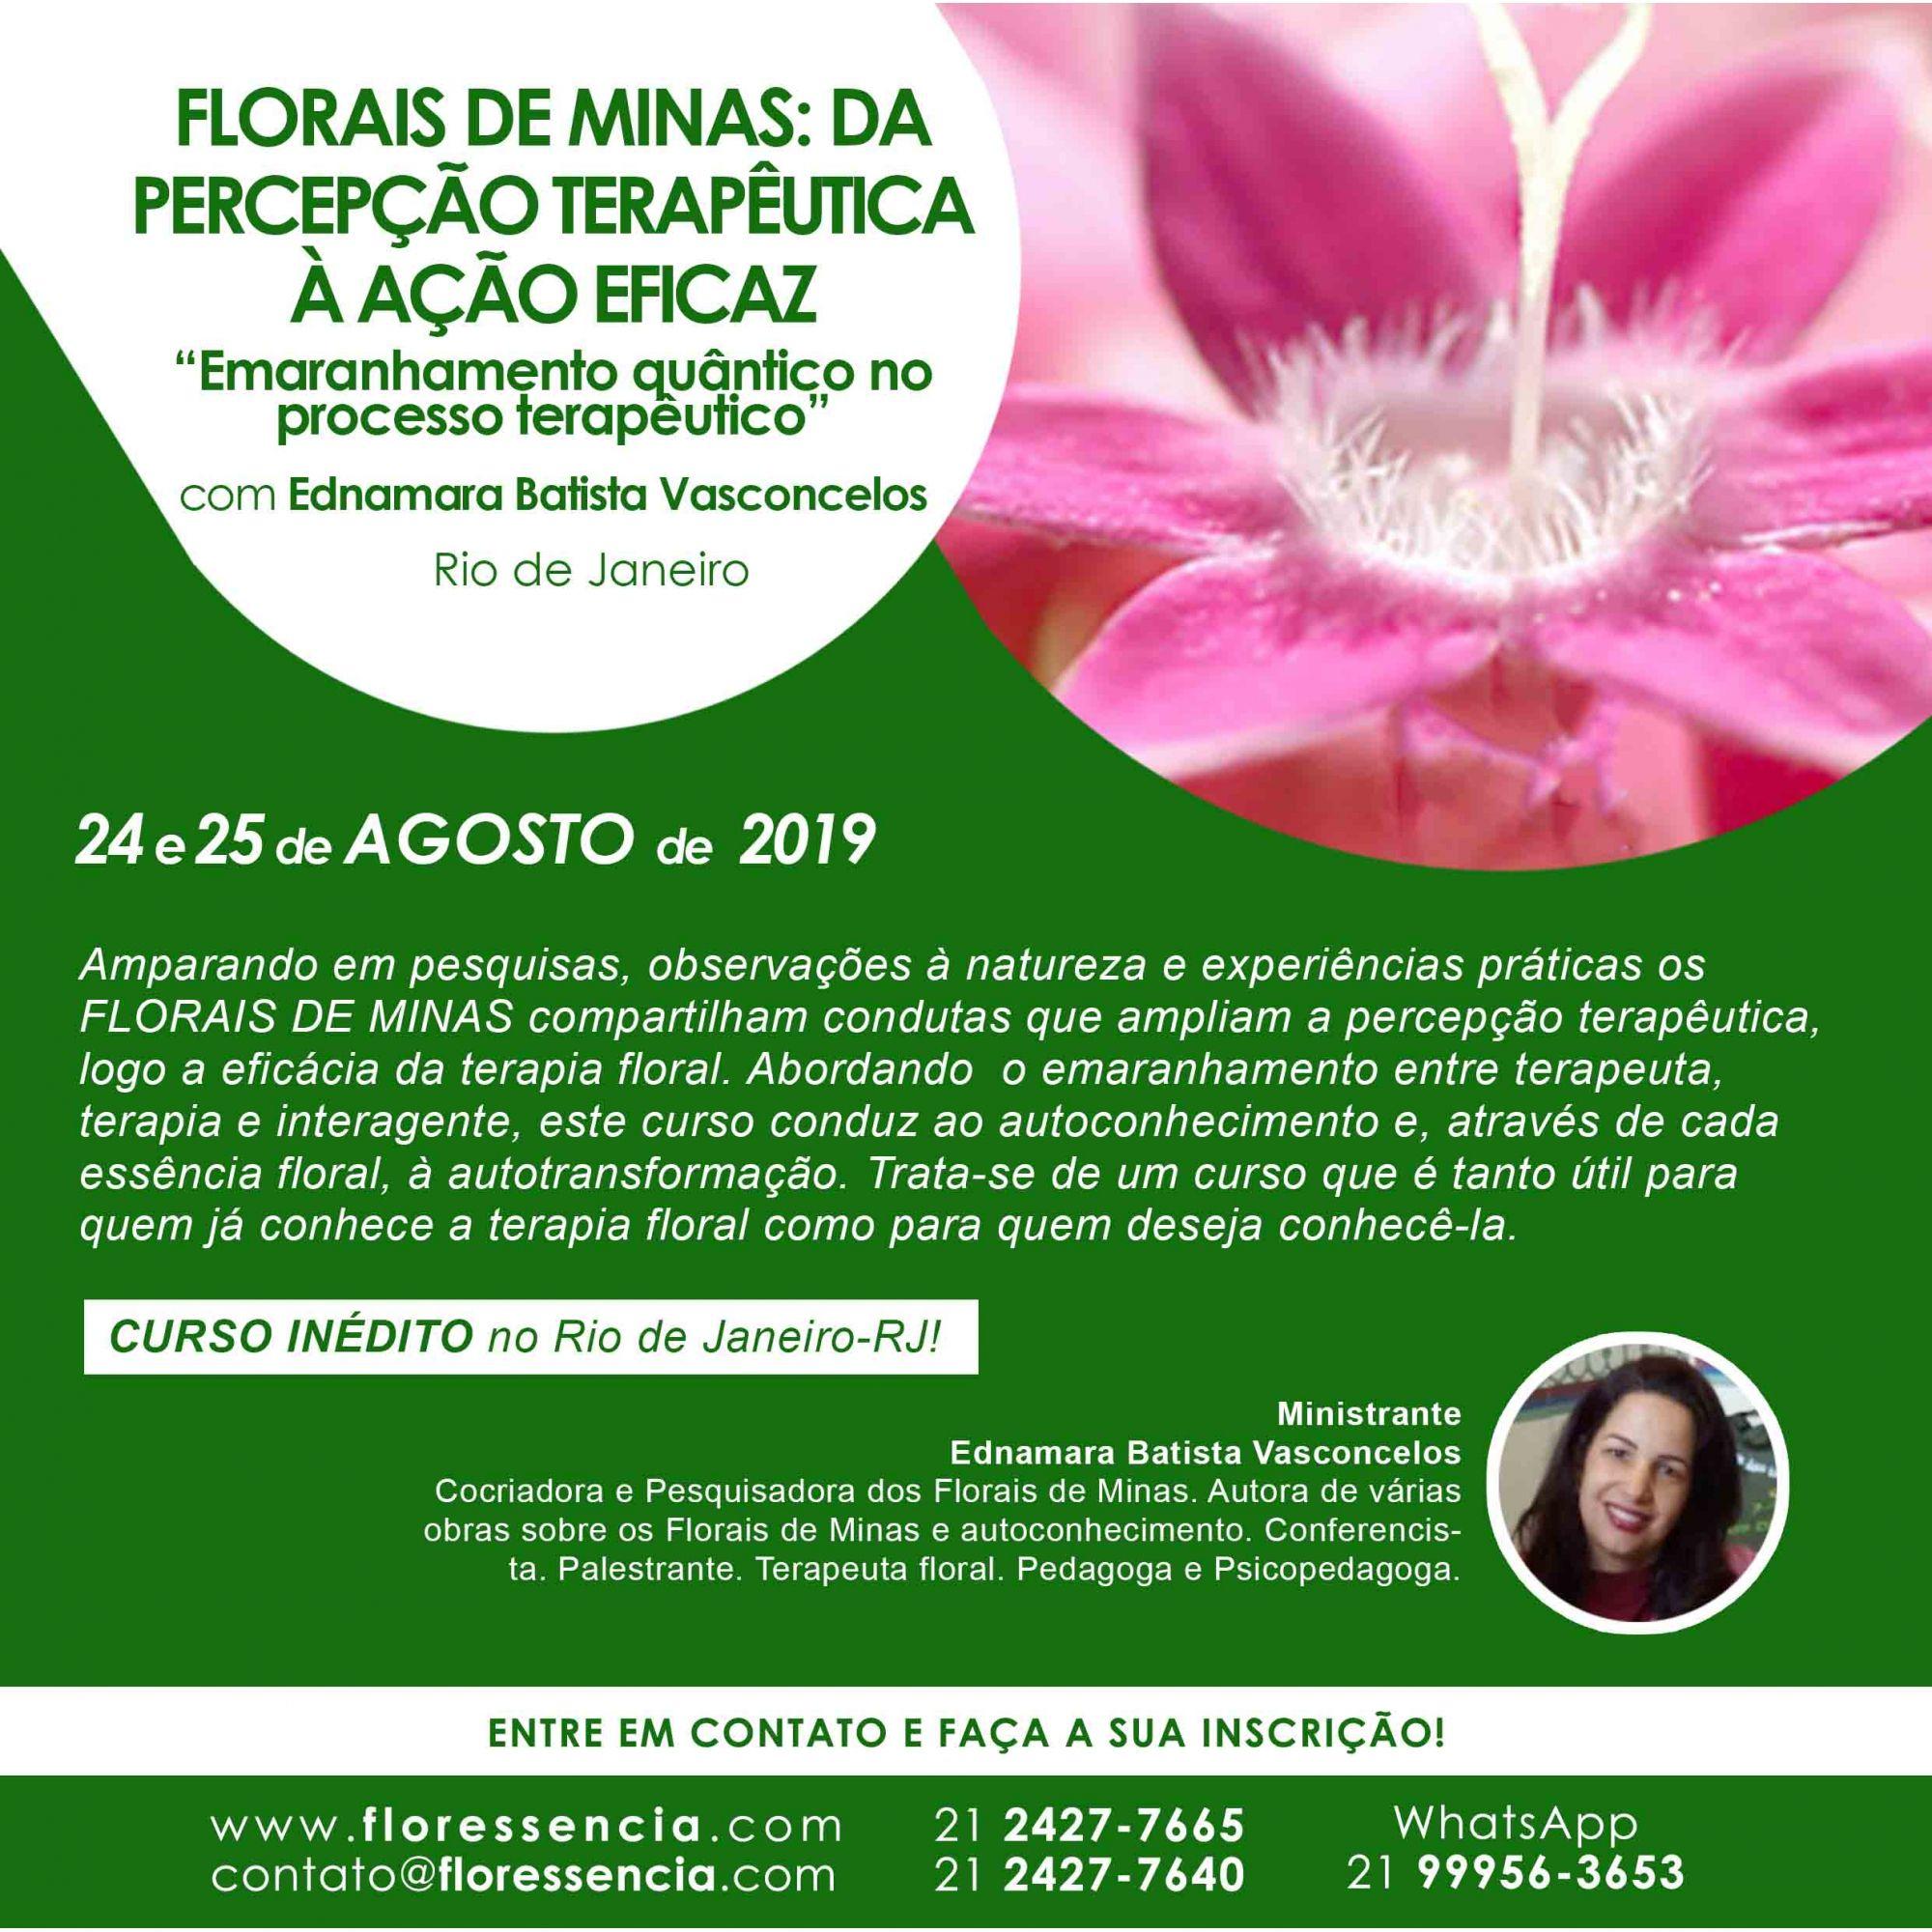 Curso PRESENCIAL FLORAIS DE MINAS: DA PERCEPÇÃO TERAPÊUTICA À AÇÃO EFICAZ com Ednamara Batista Vasconcelos  - Floressência